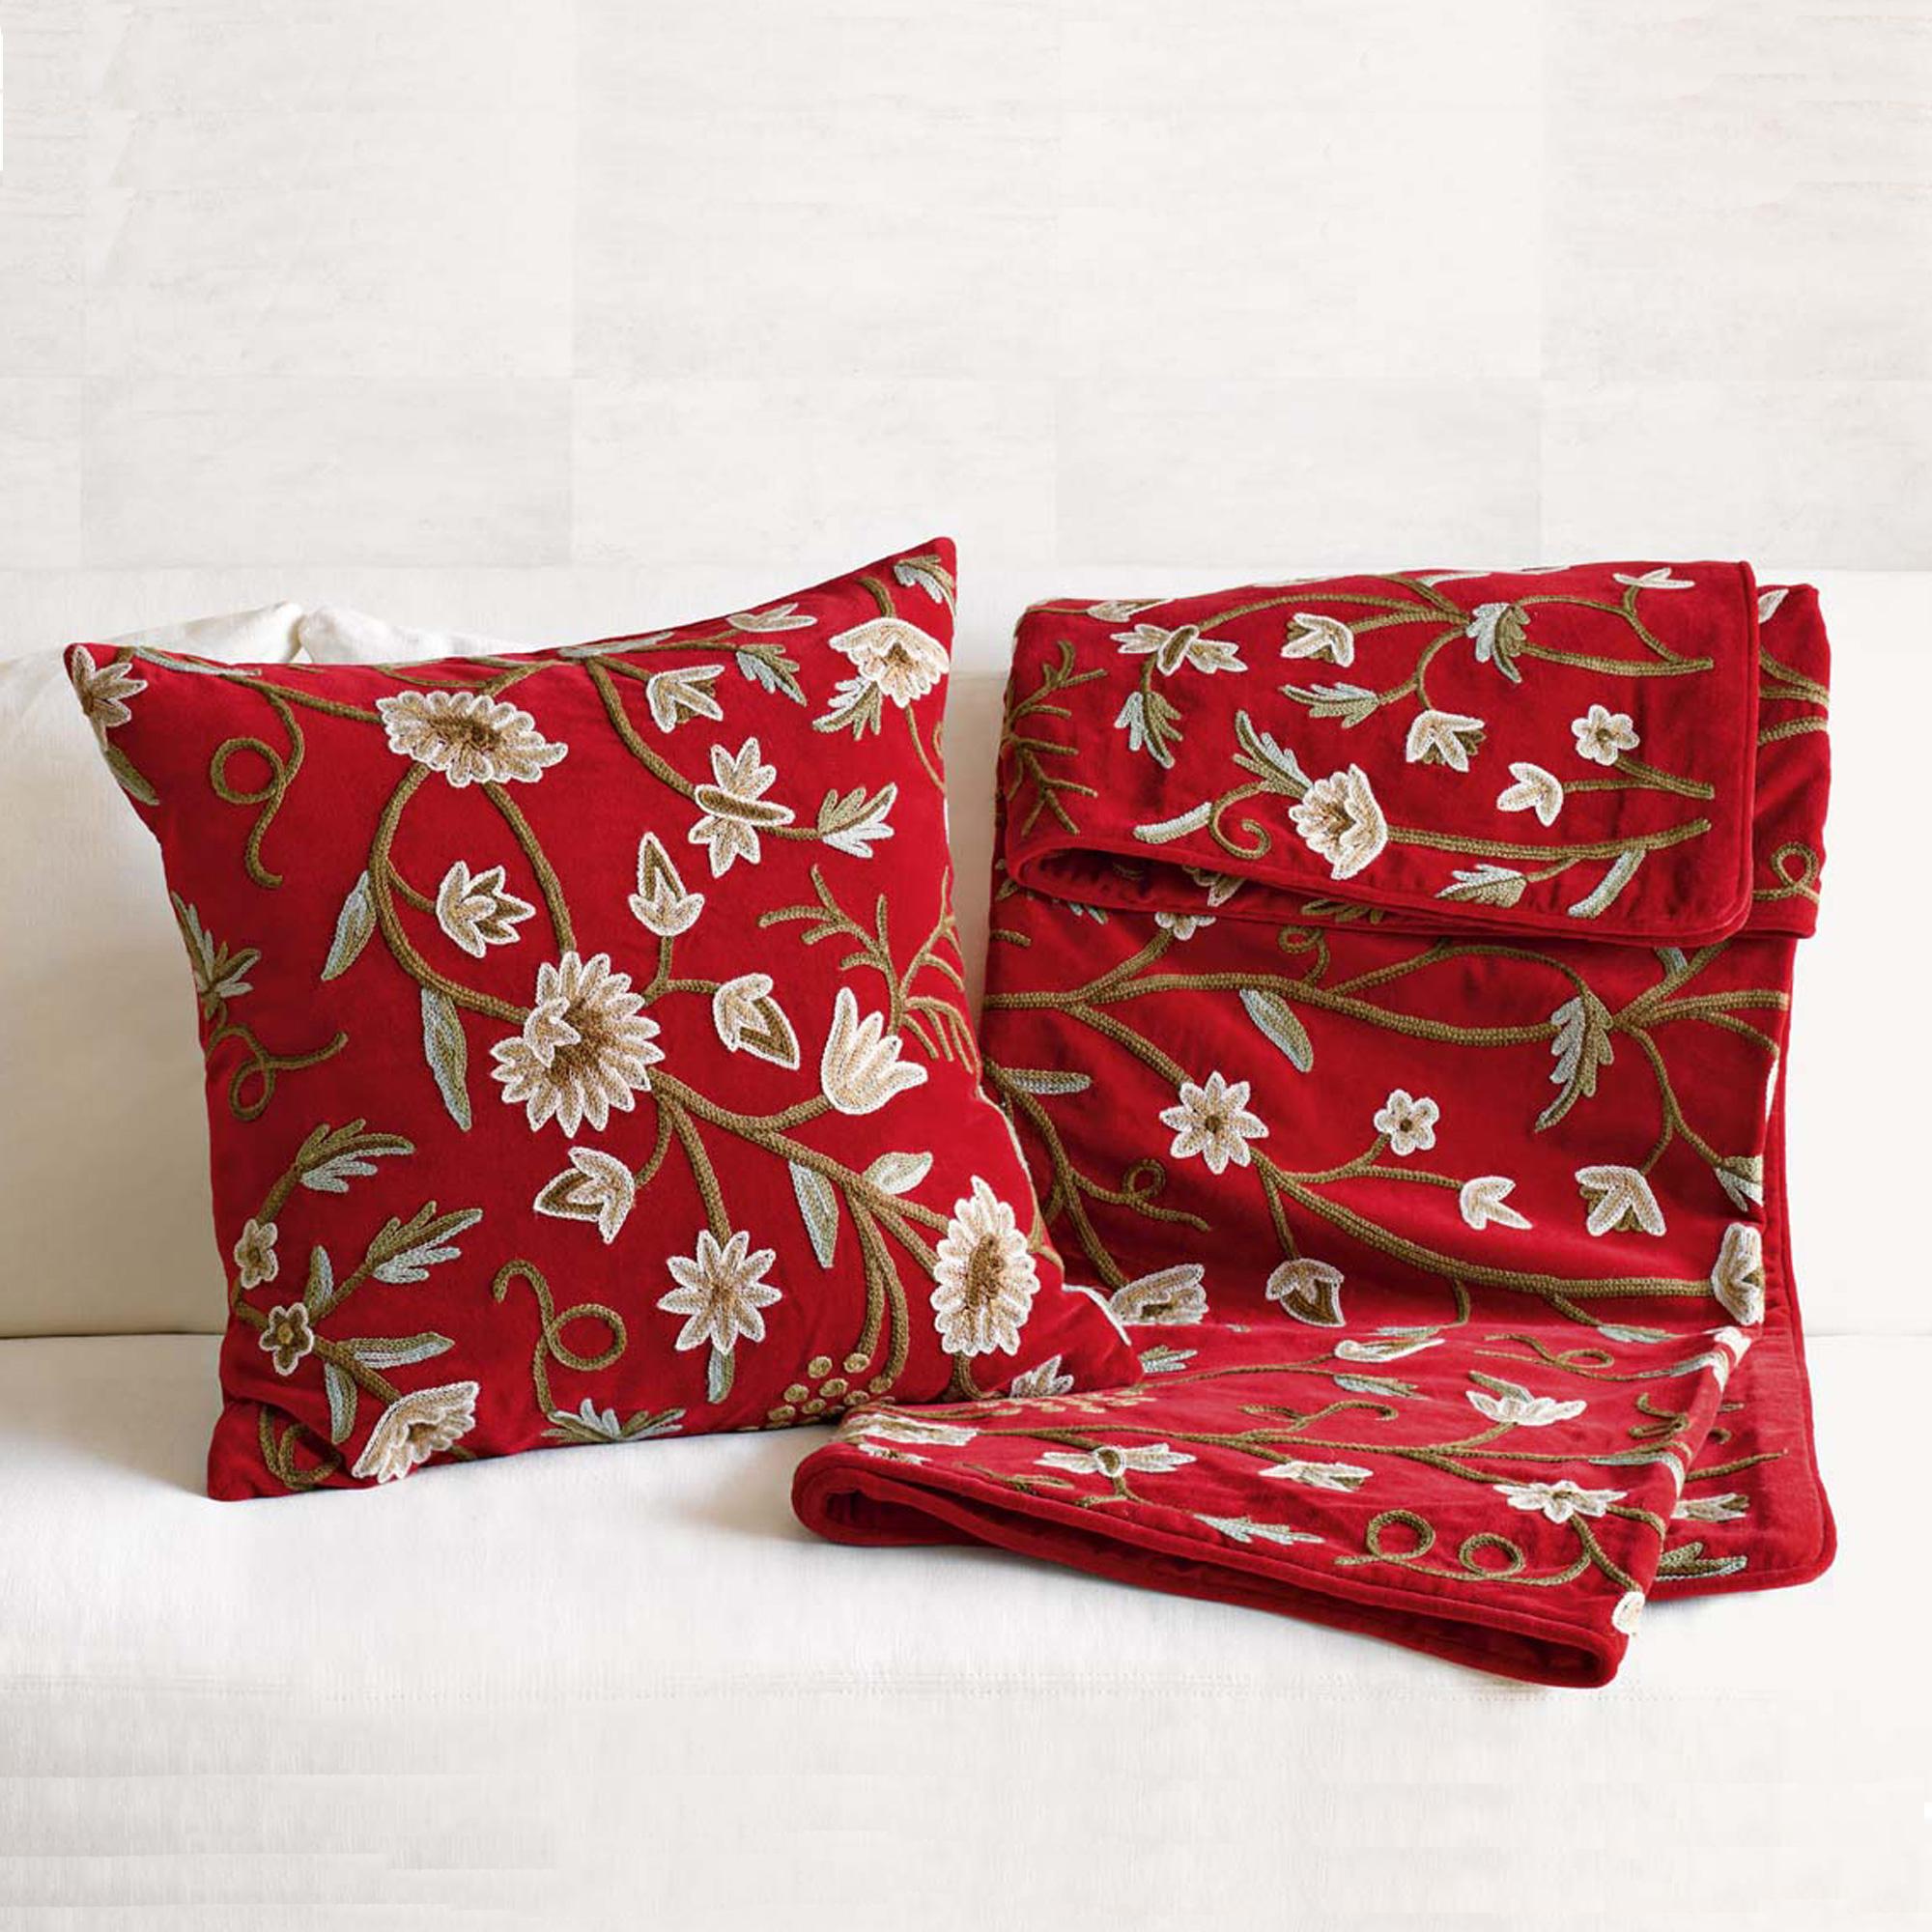 Throw Pillows Home : Chandra Crewel Pillow & Throw Gump s